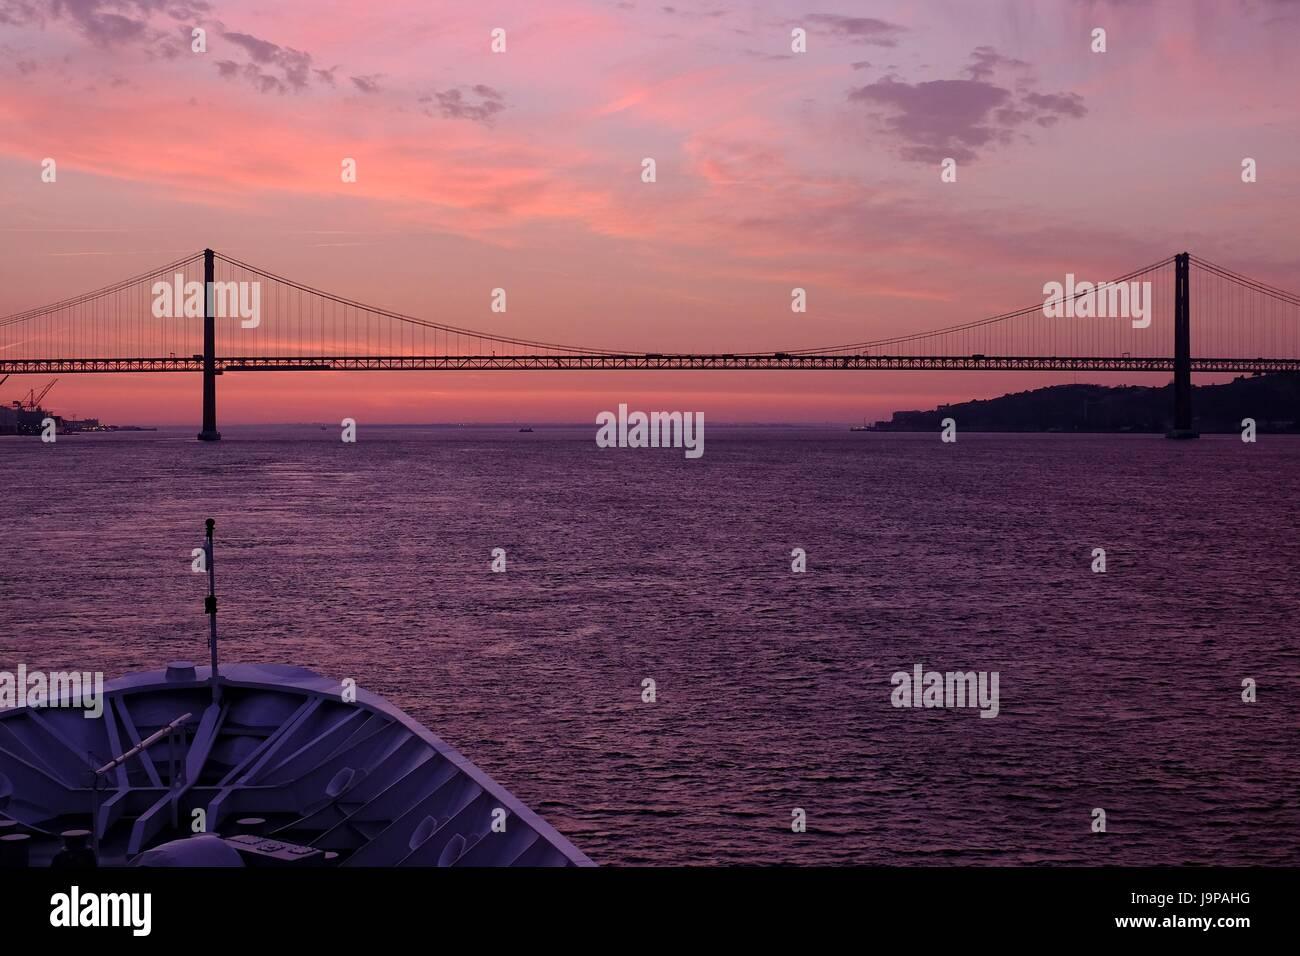 Lisbon - 25 de Abril Bridge and The Sanctuary of Christ the King Monument Stock Photo